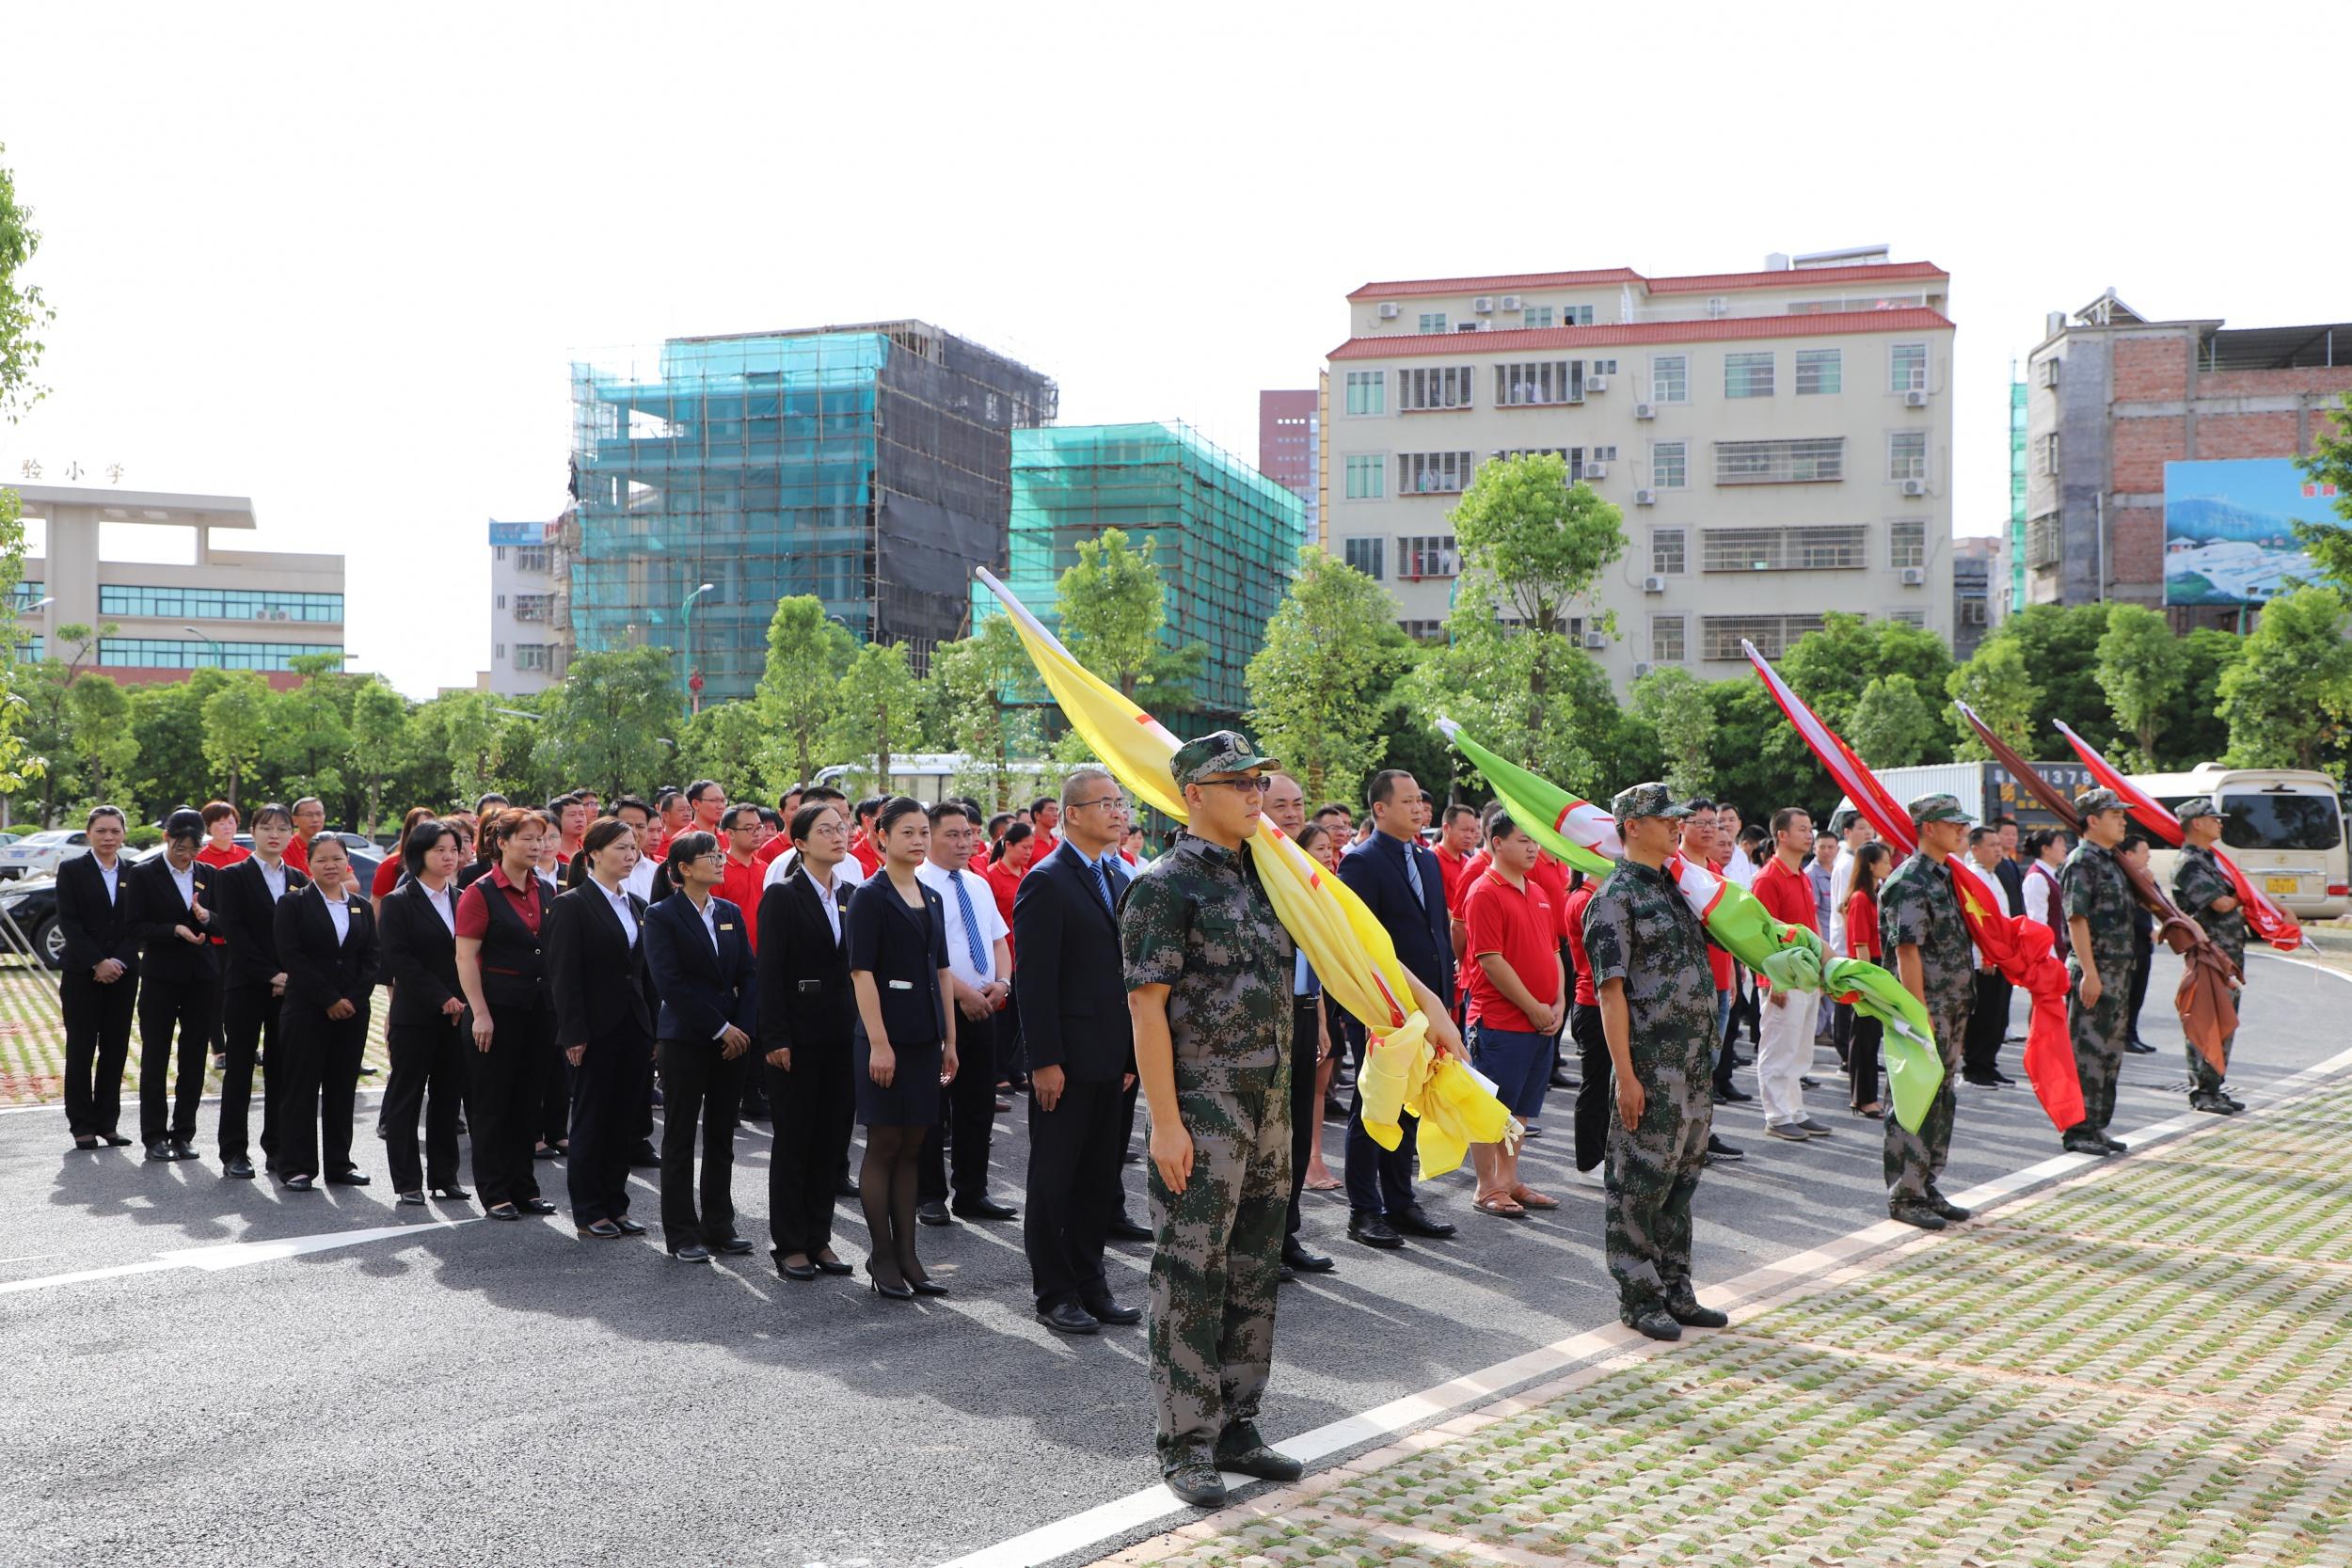 辉骏科技集团举行升旗仪式暨爱国主义教育活动